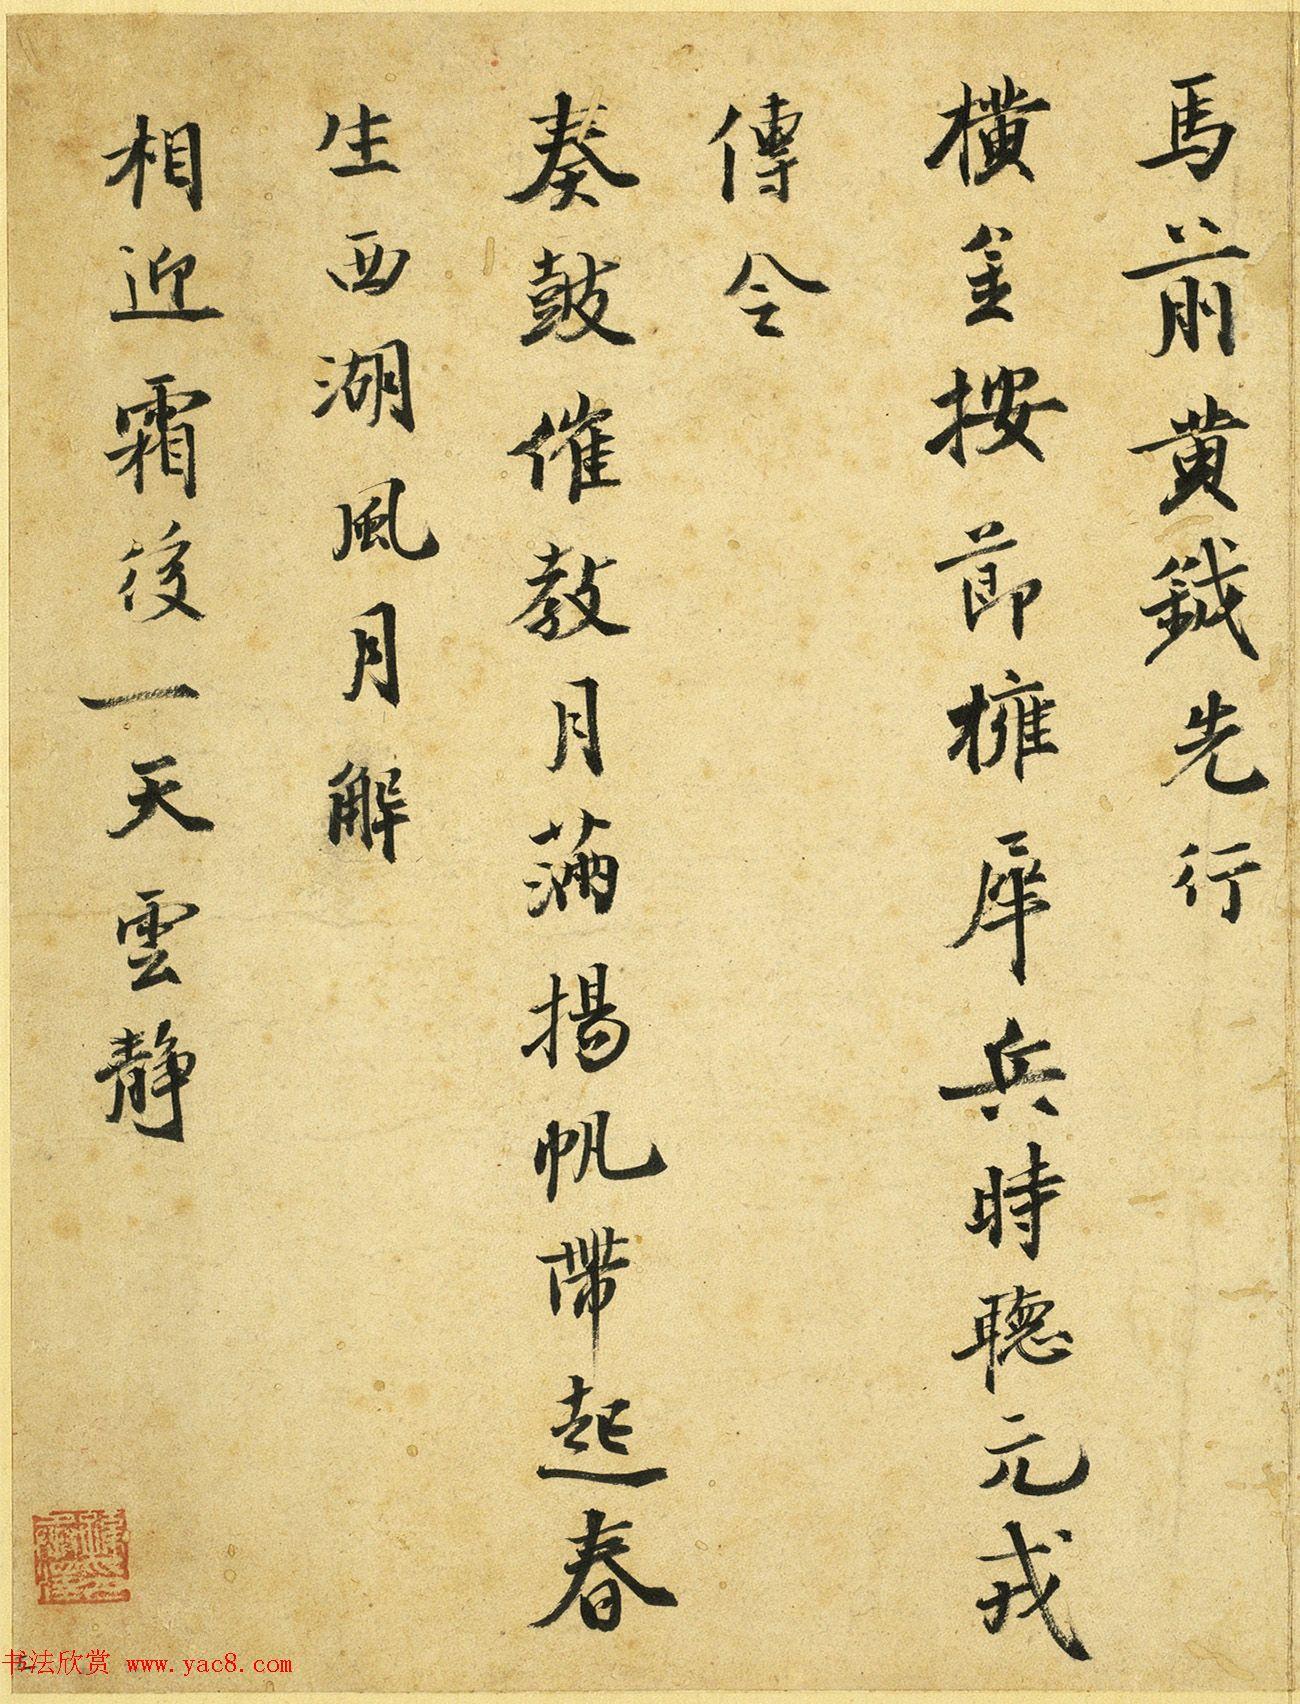 北宋僧人仲殊书西江月词